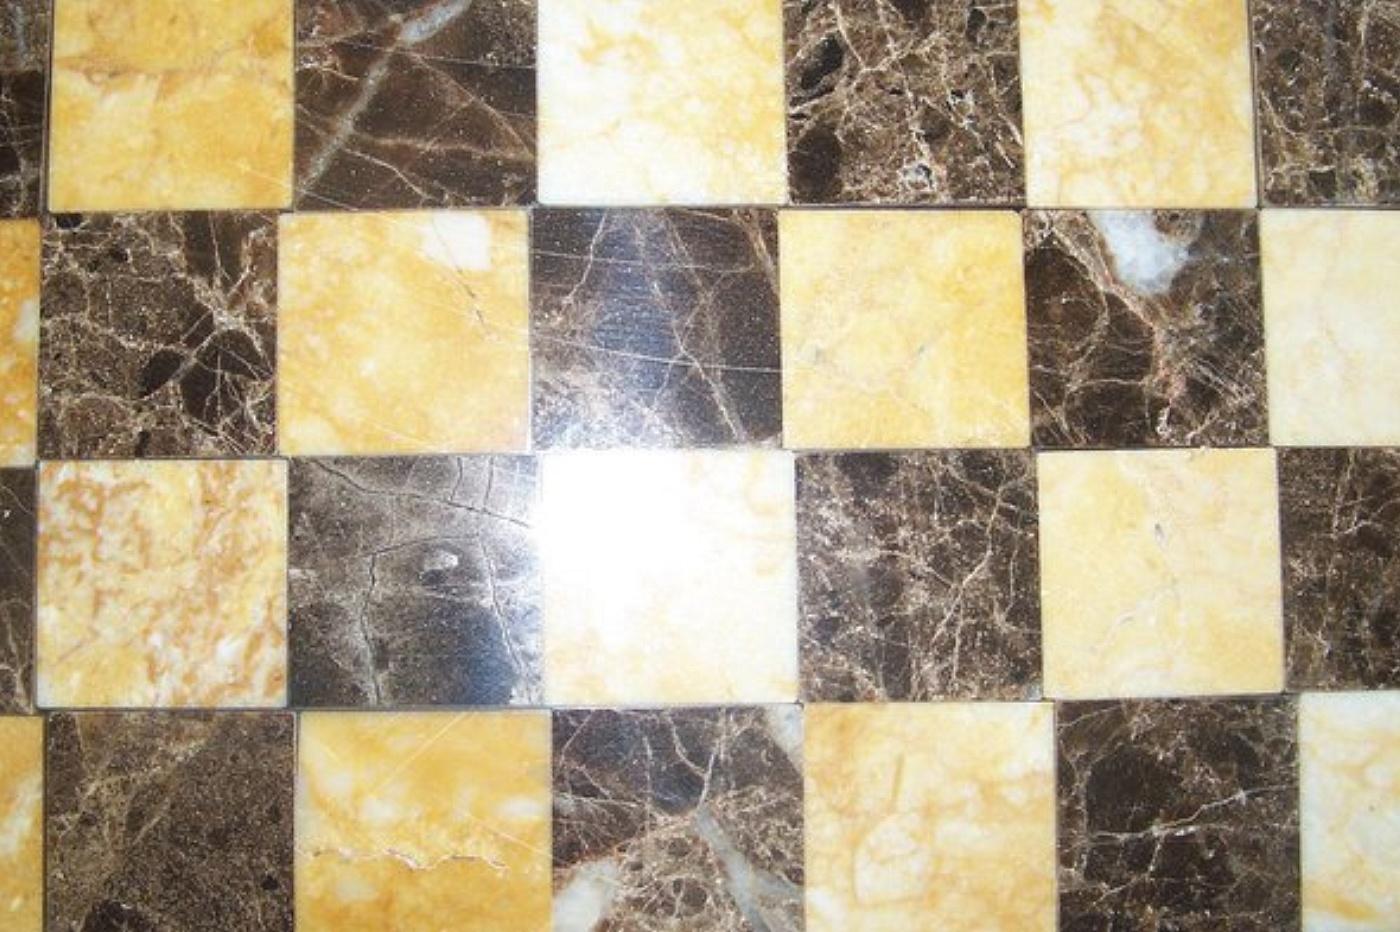 Dama in marmo prezzi cemento armato precompresso - Bagno vasco forte dei marmi ...